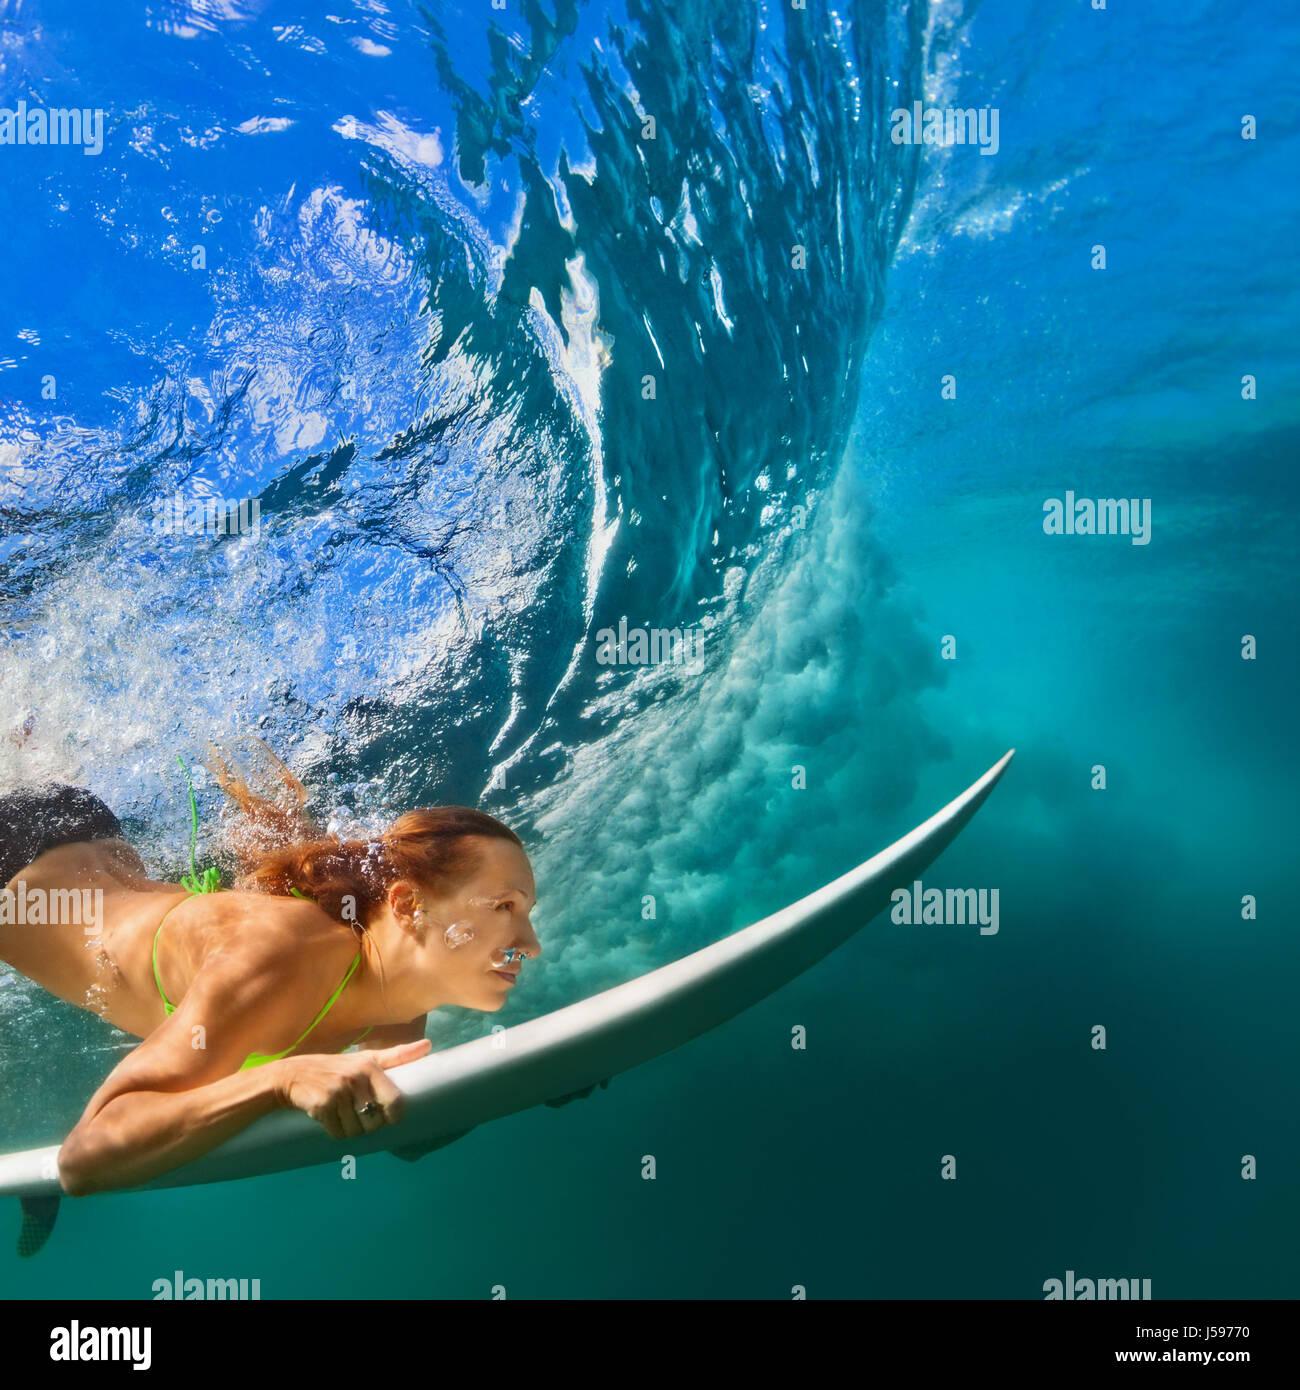 Active Ragazza in Bikini in azione. Surfer donna con tavola da surf subacquea Immersioni sotto la rottura grande Immagini Stock